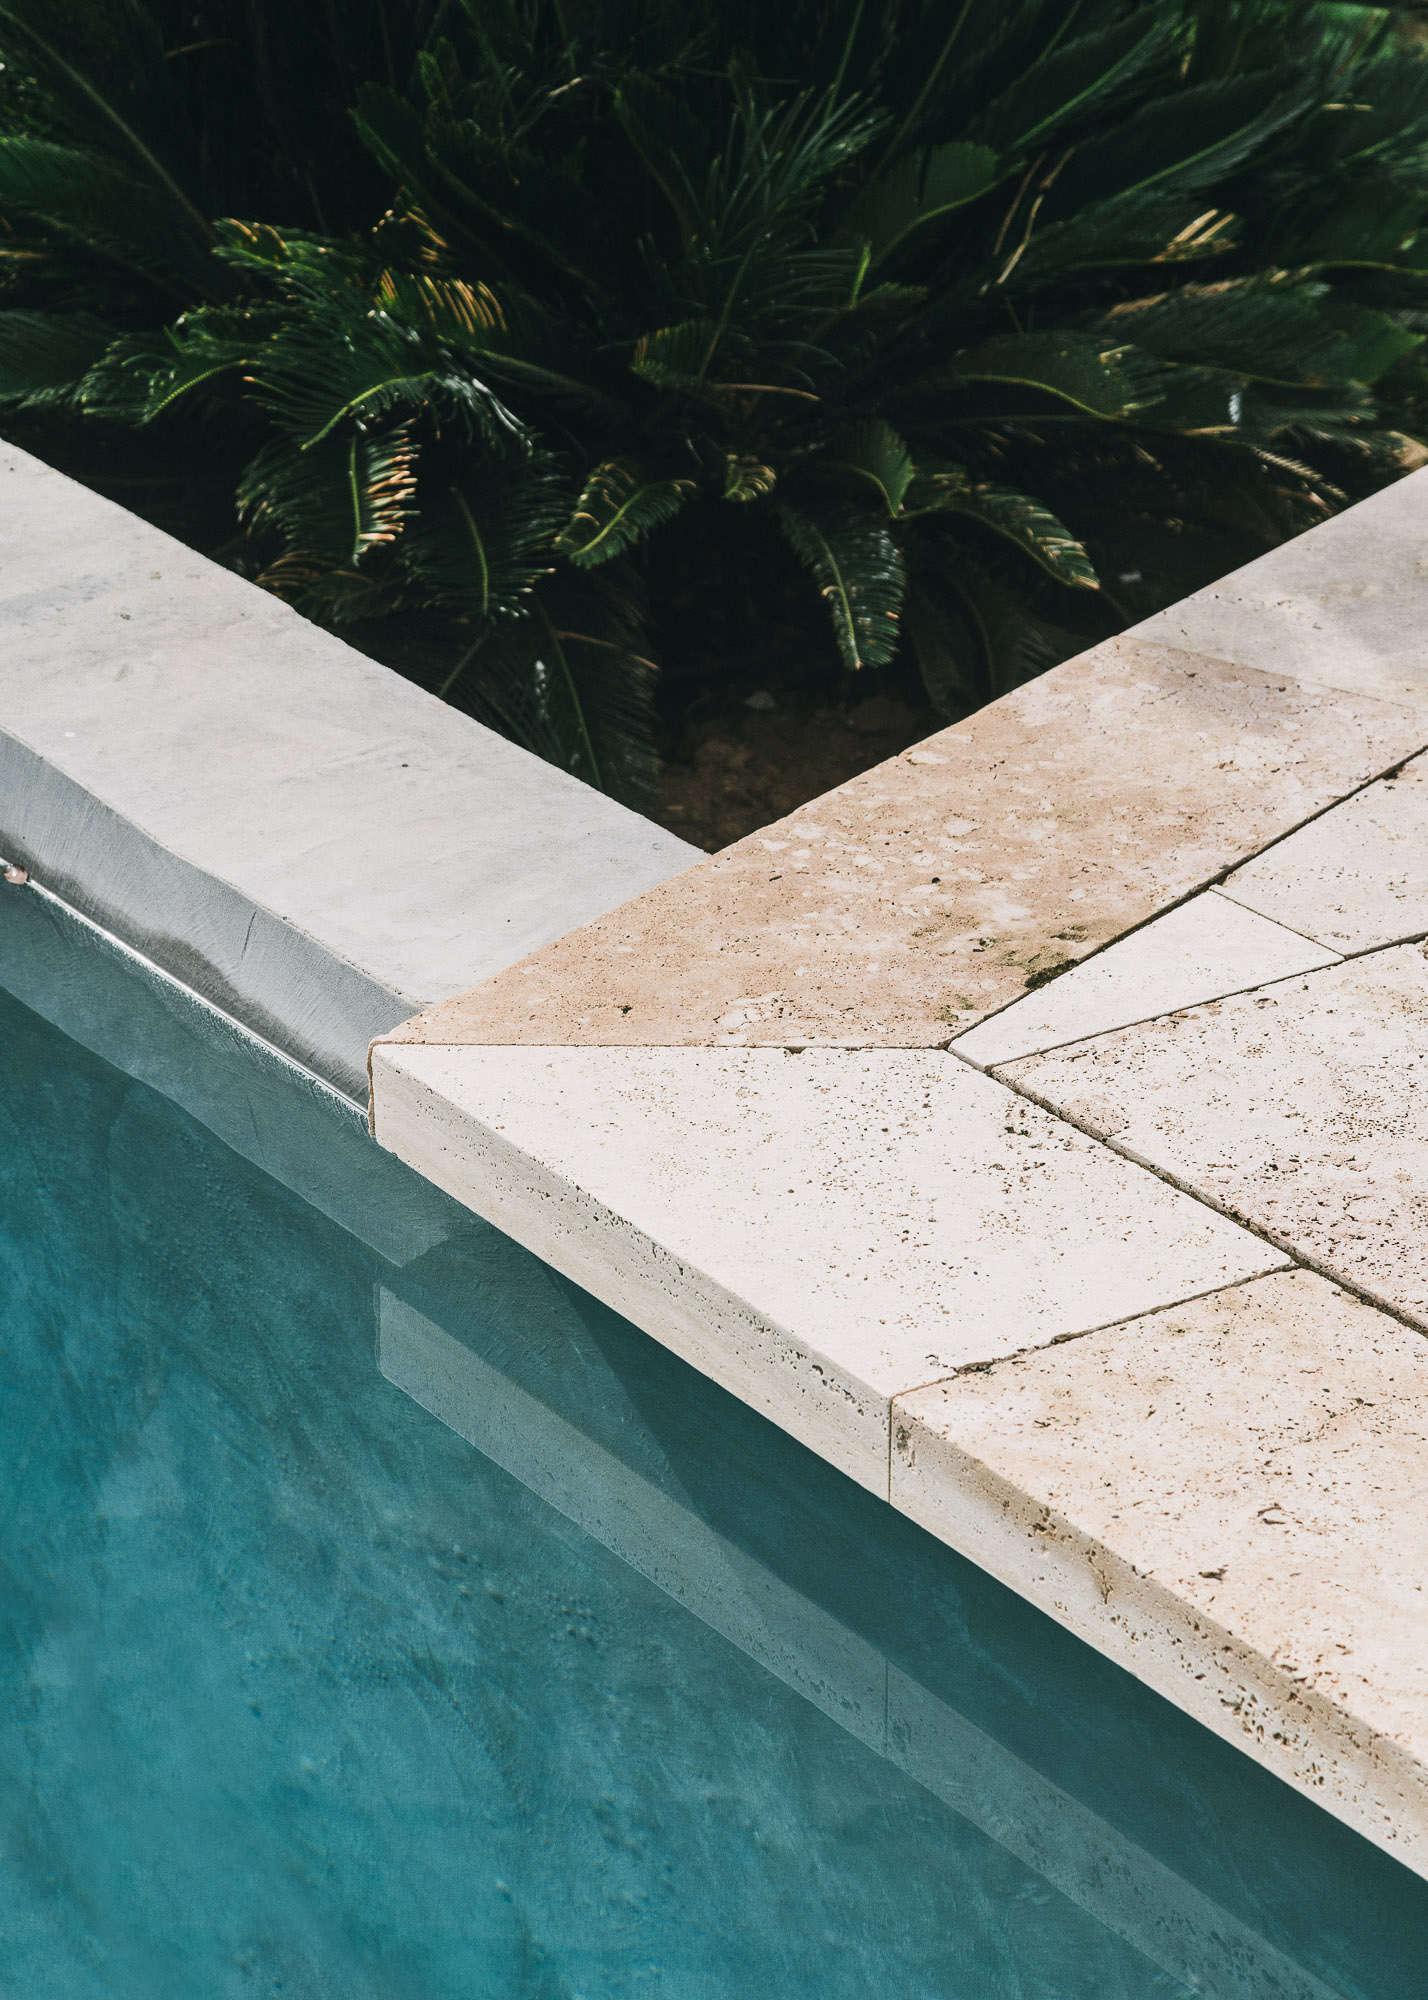 Castell-de-peratallada-pool-gardenista-5